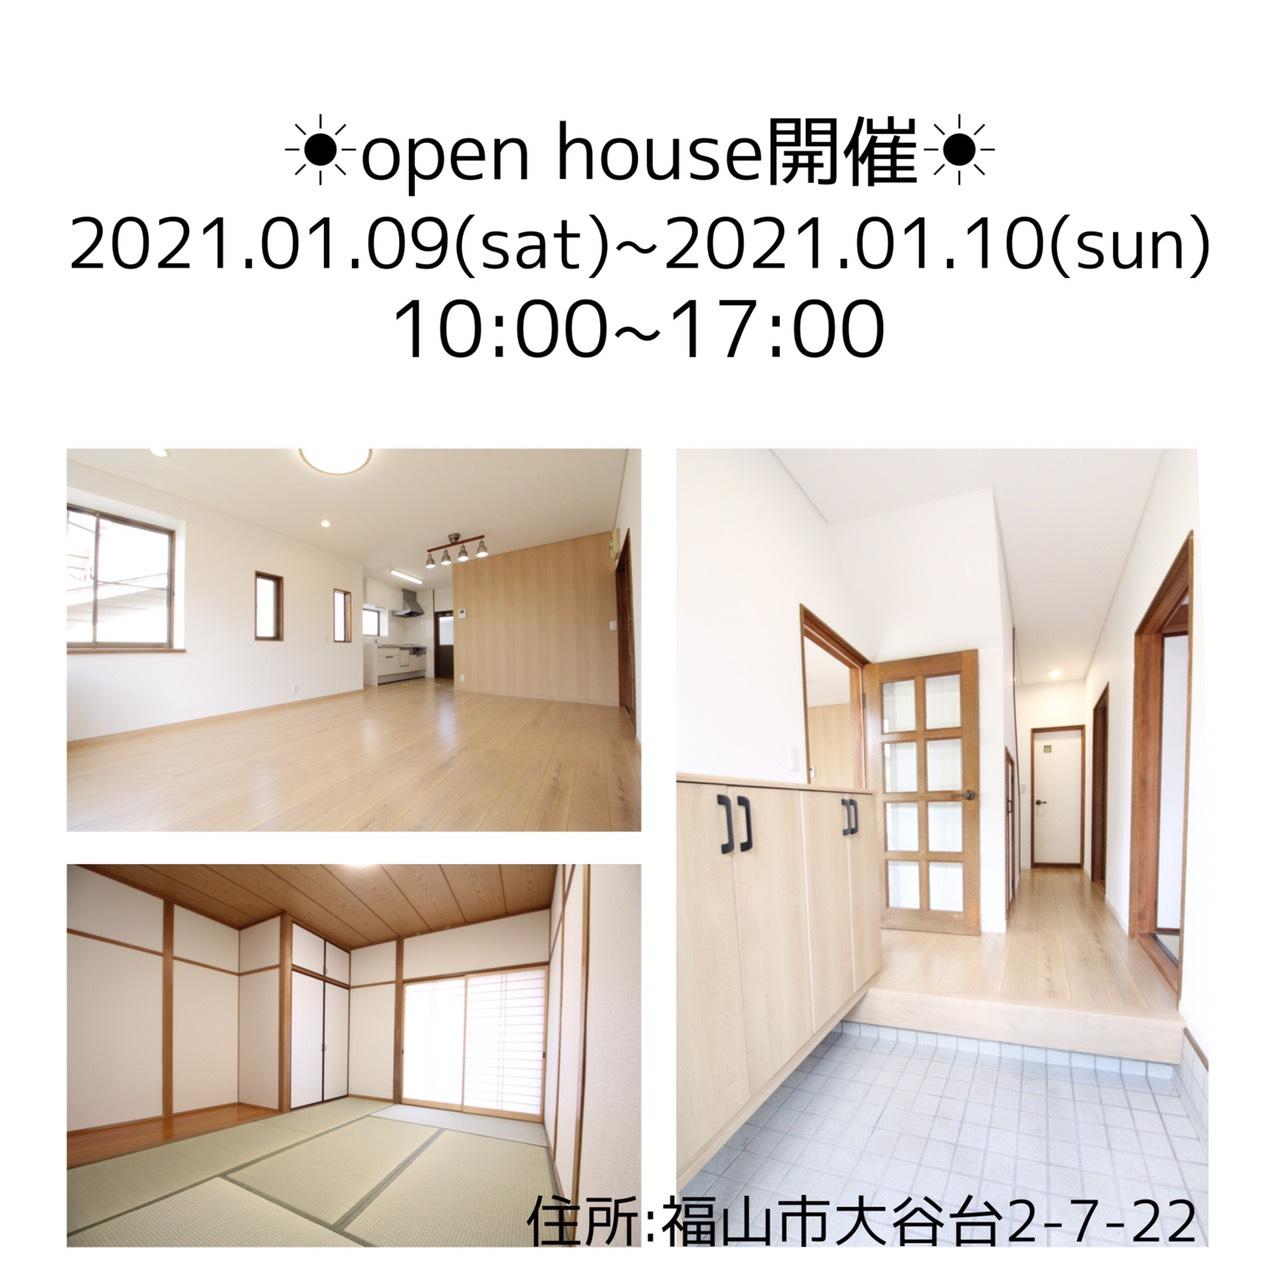 大谷台リフォーム物件オープンハウス2棟同時開催します!!